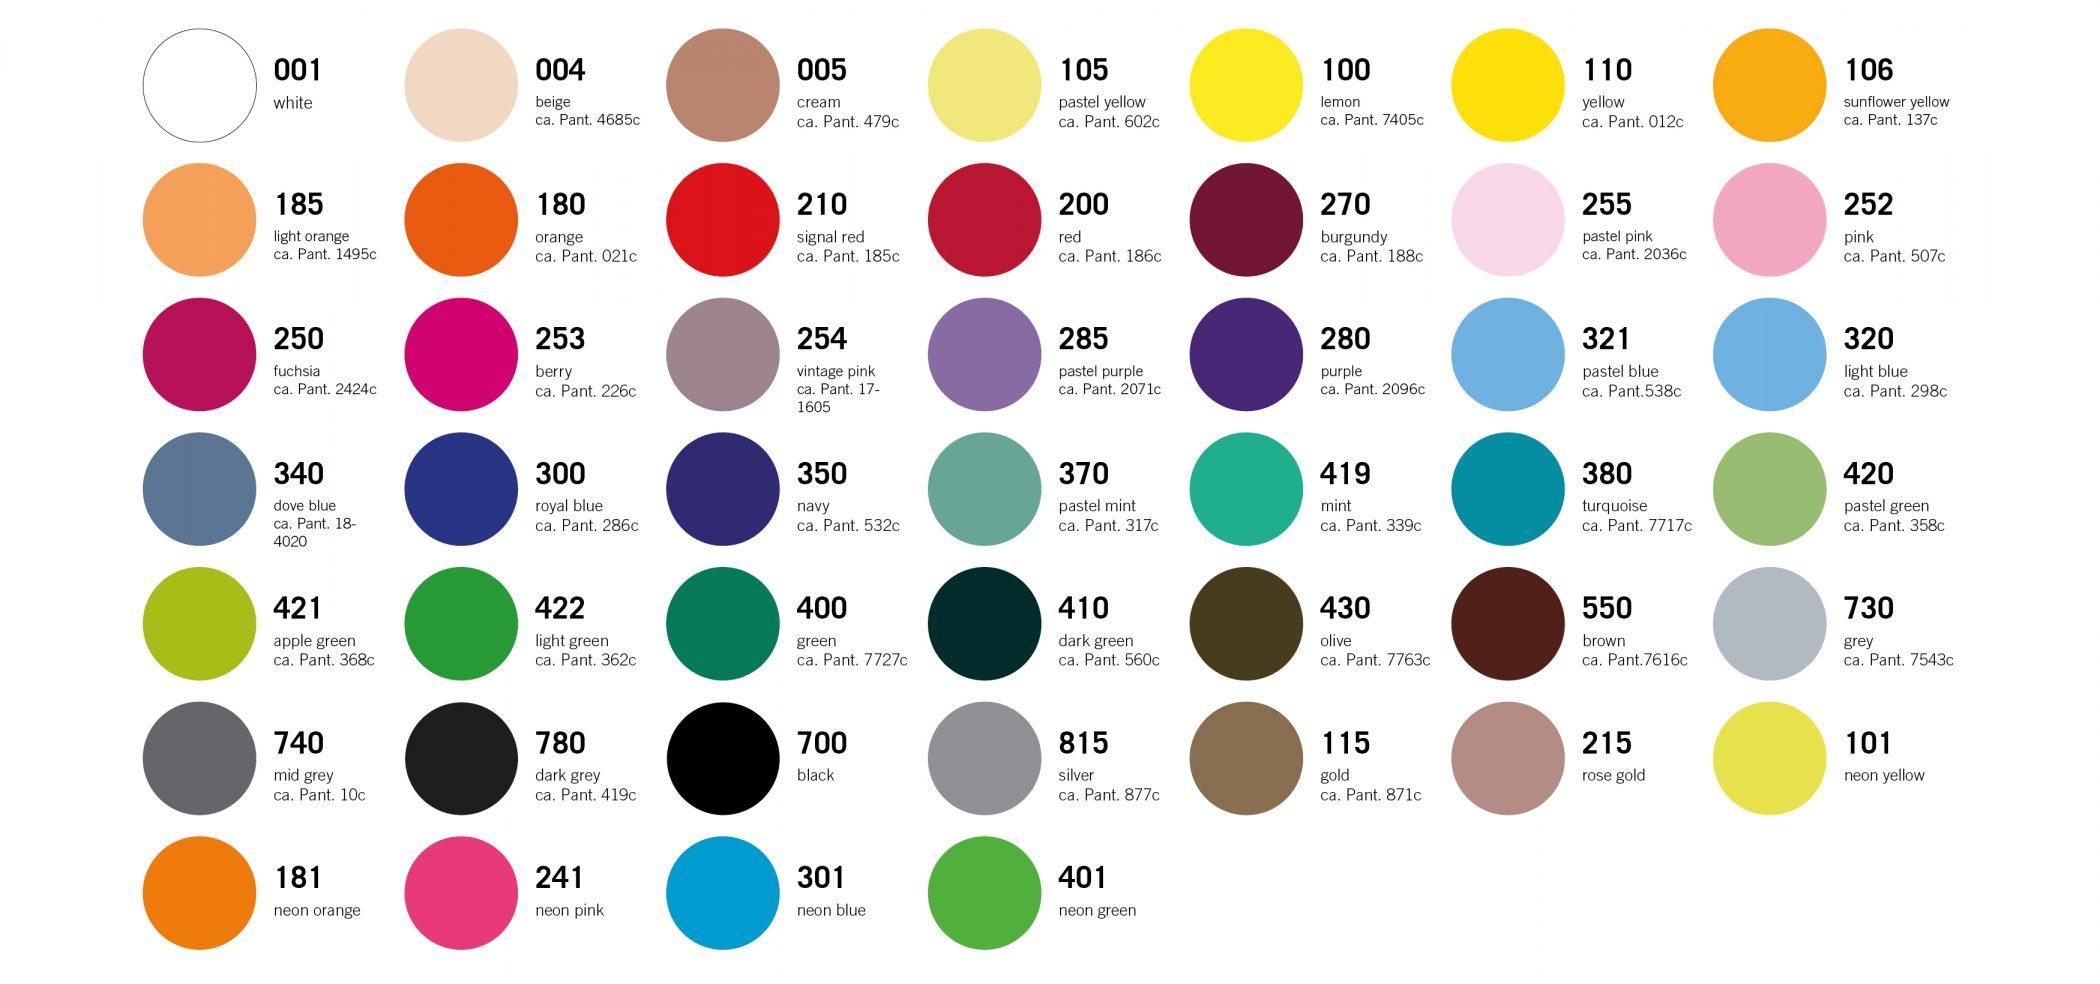 CAD-CUT_Color-selection_Premium-Plus_Stahls-Asia_07-21